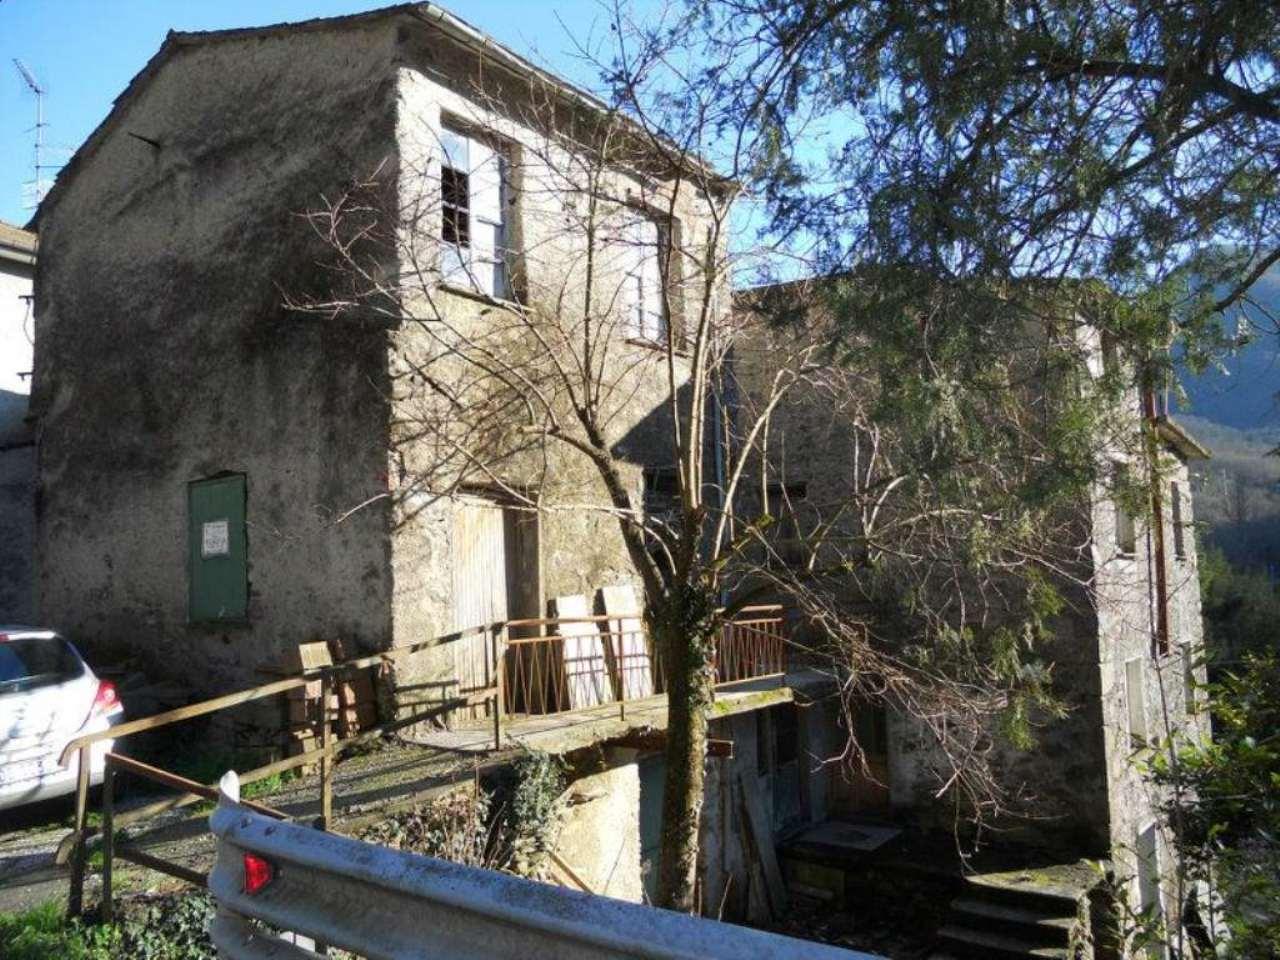 Rustico / Casale in vendita a San Colombano Certenoli, 6 locali, prezzo € 120.000 | Cambio Casa.it